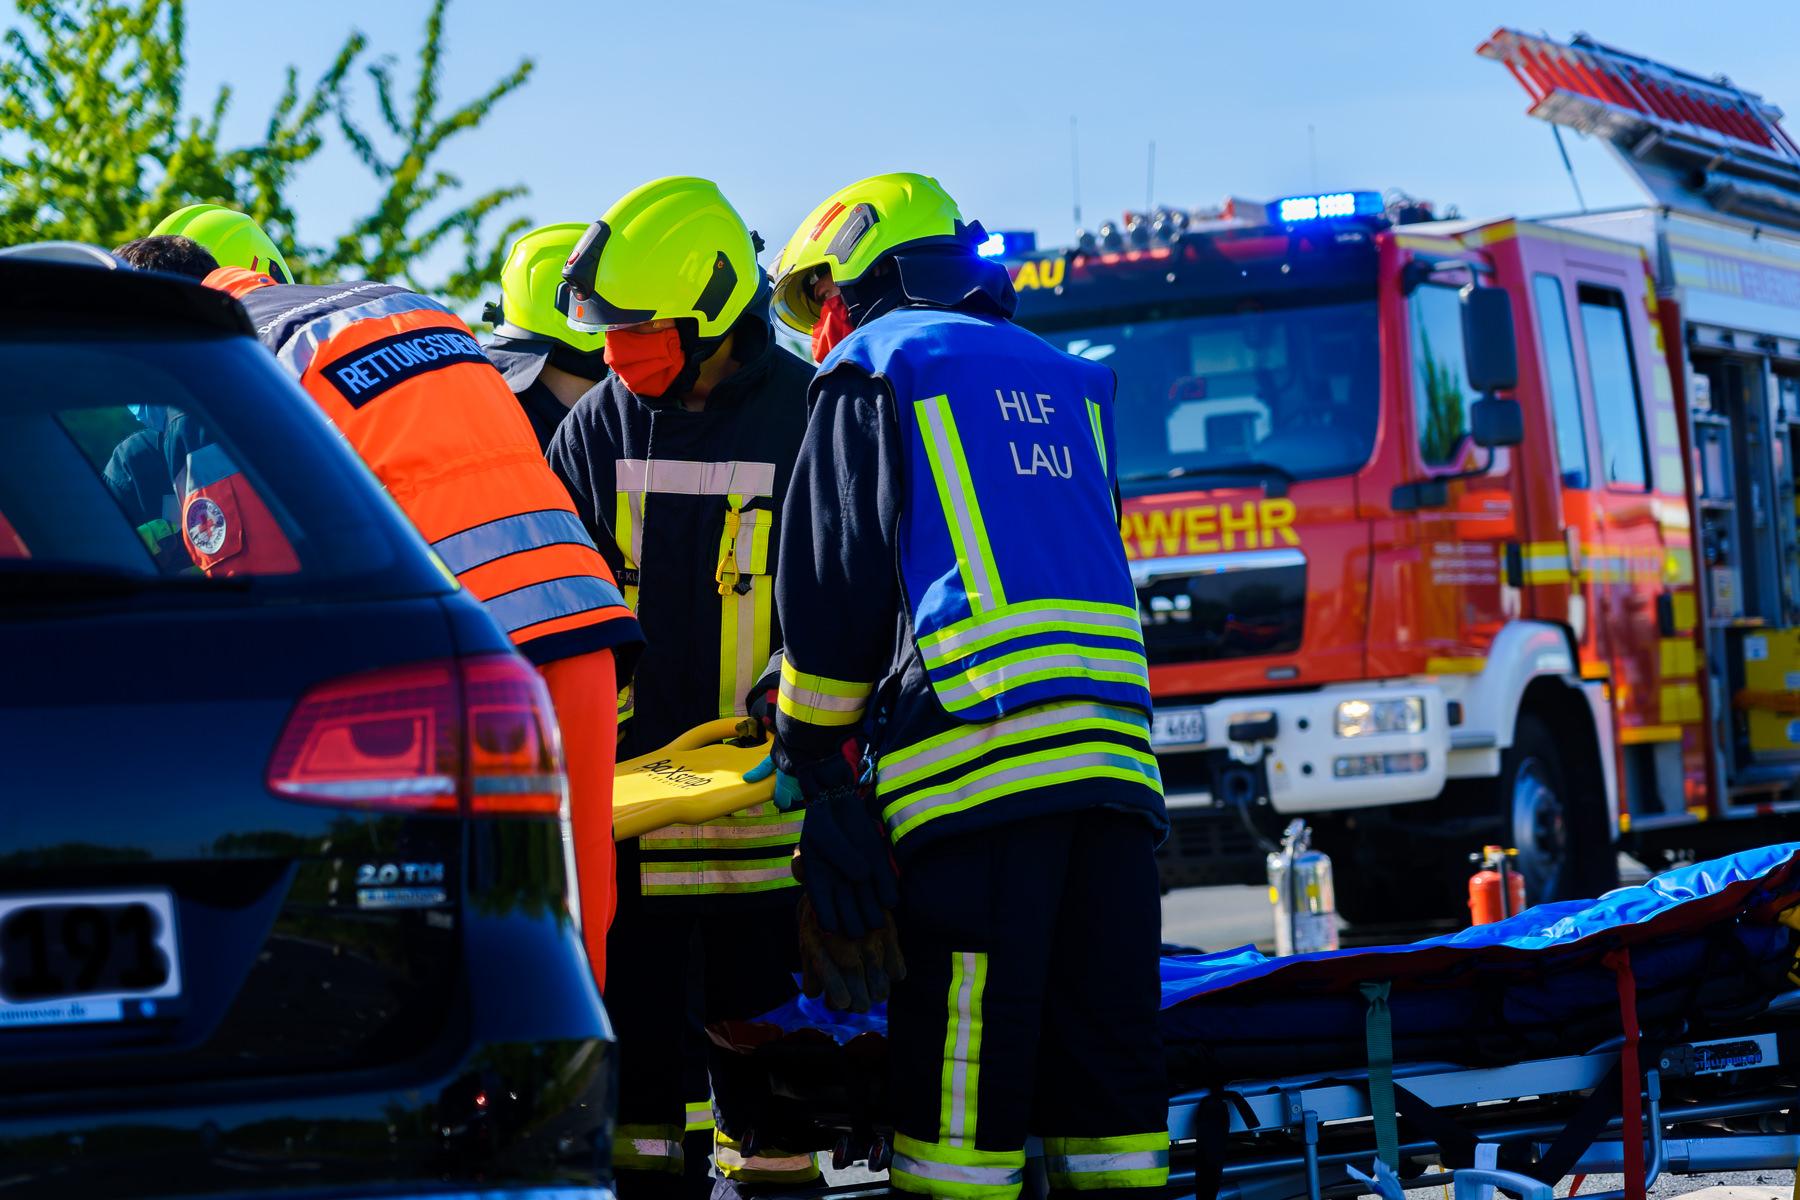 Ehrenamtliche Feuerwehrleute halten das Spineboard, während der Rettungsdienst die Verletzte aus dem Auto rettet.